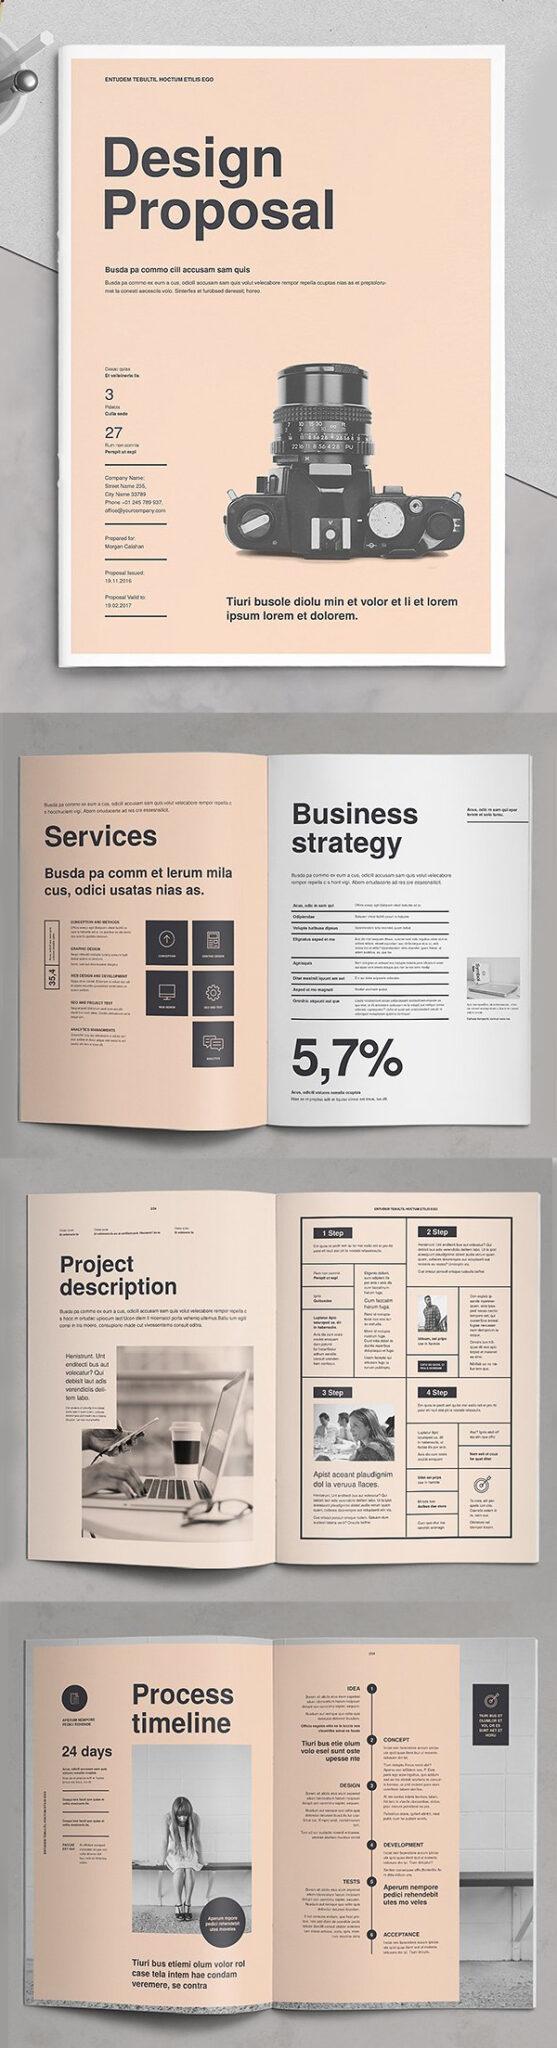 Diseño de mockups de propuesta de negocio profesional - 2